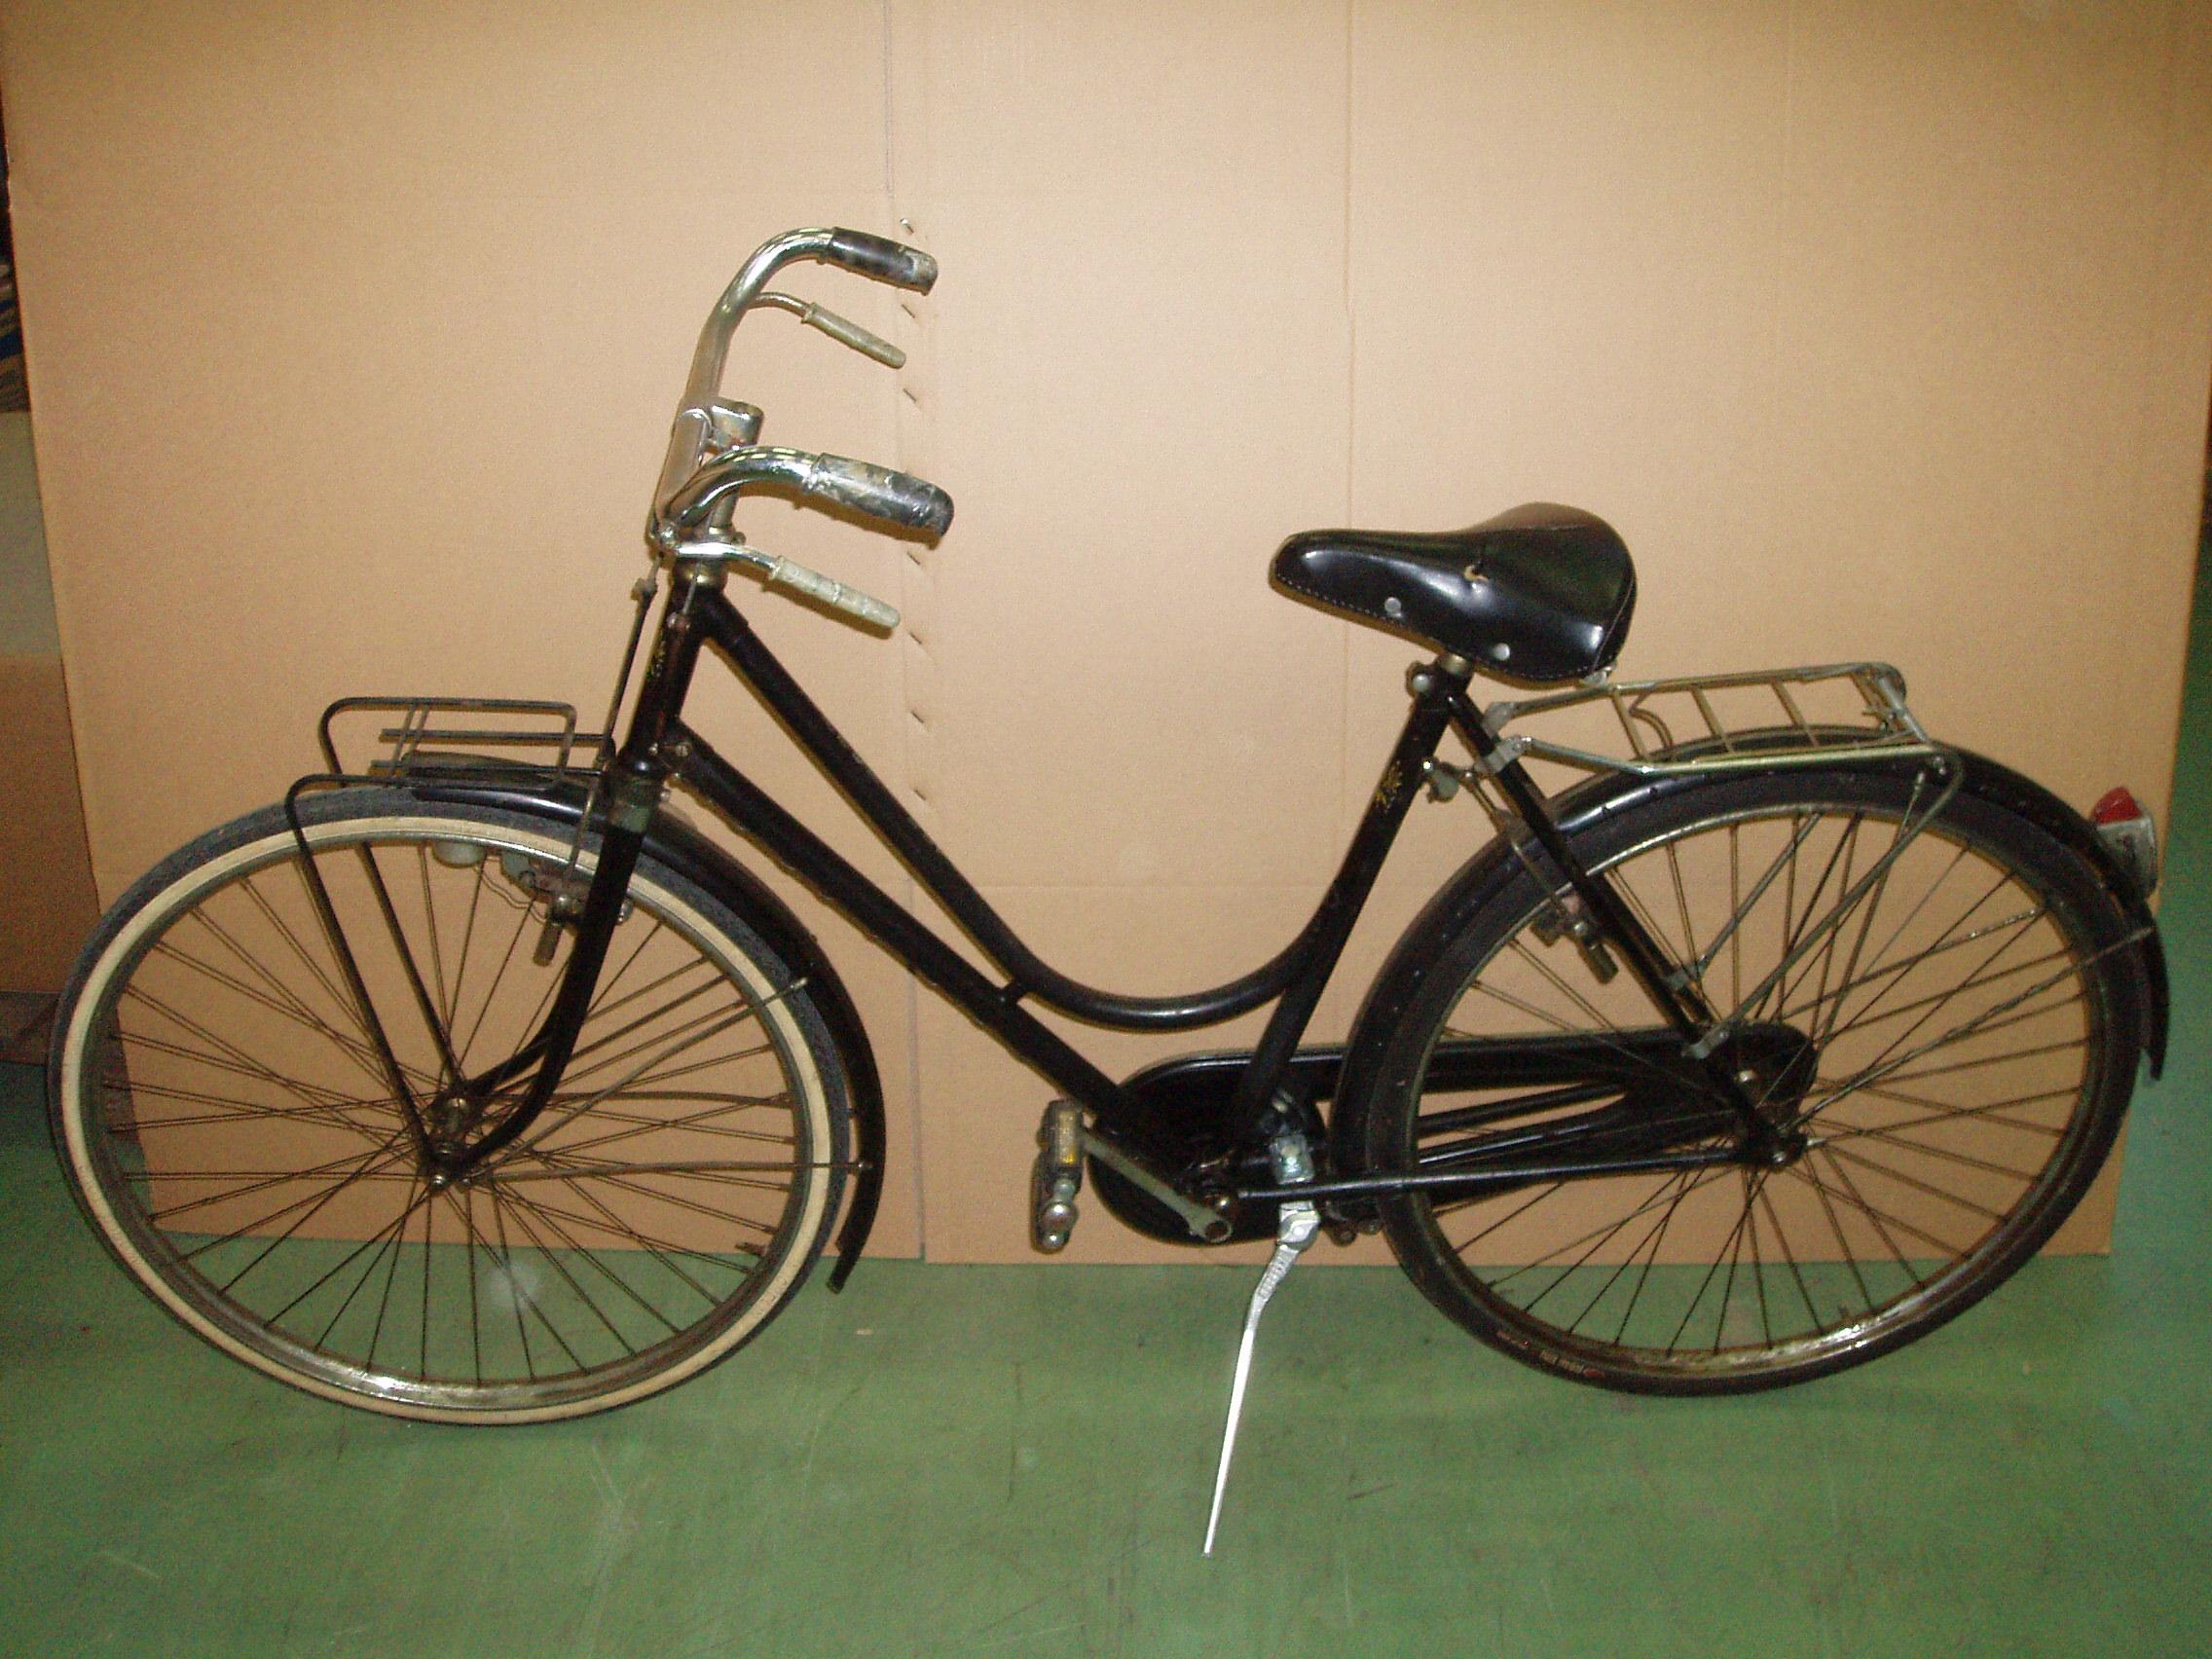 Biciclette Usate Monza E Brianza Il Tendone Solidale Mercatino